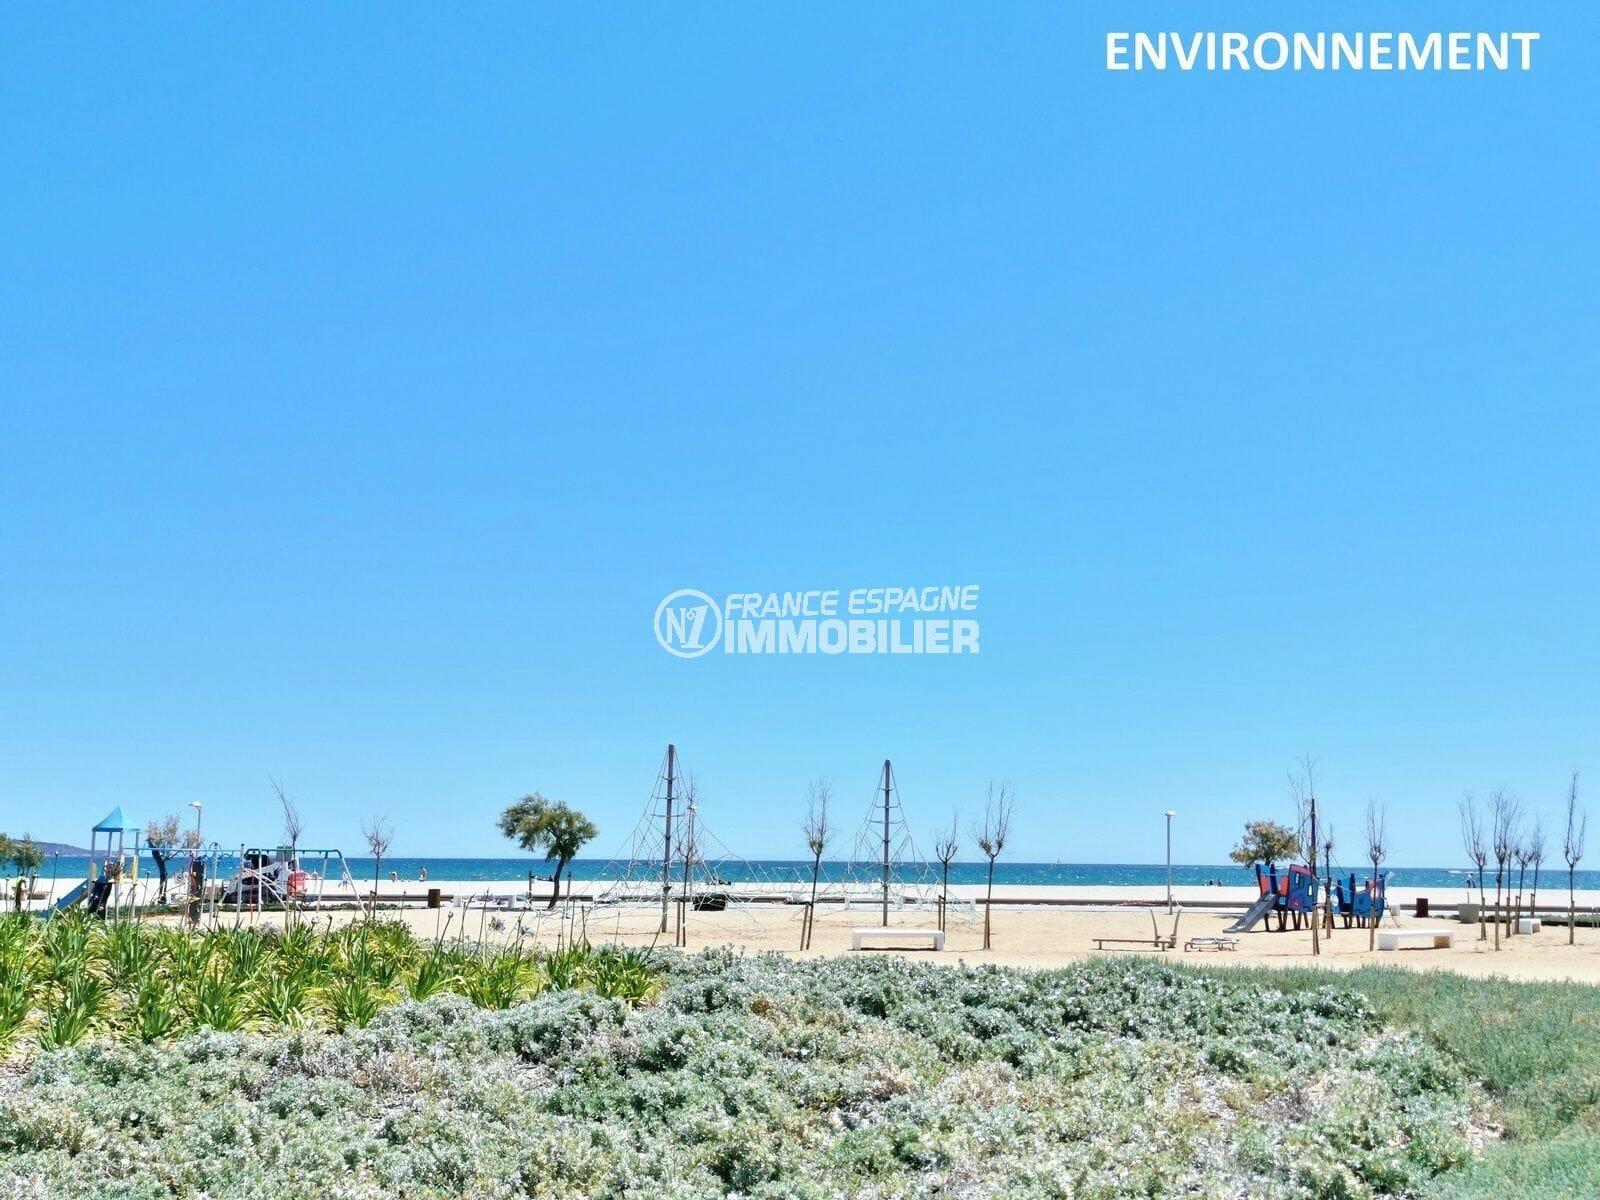 aires de jeux pour les enfants sur la plage aux environs